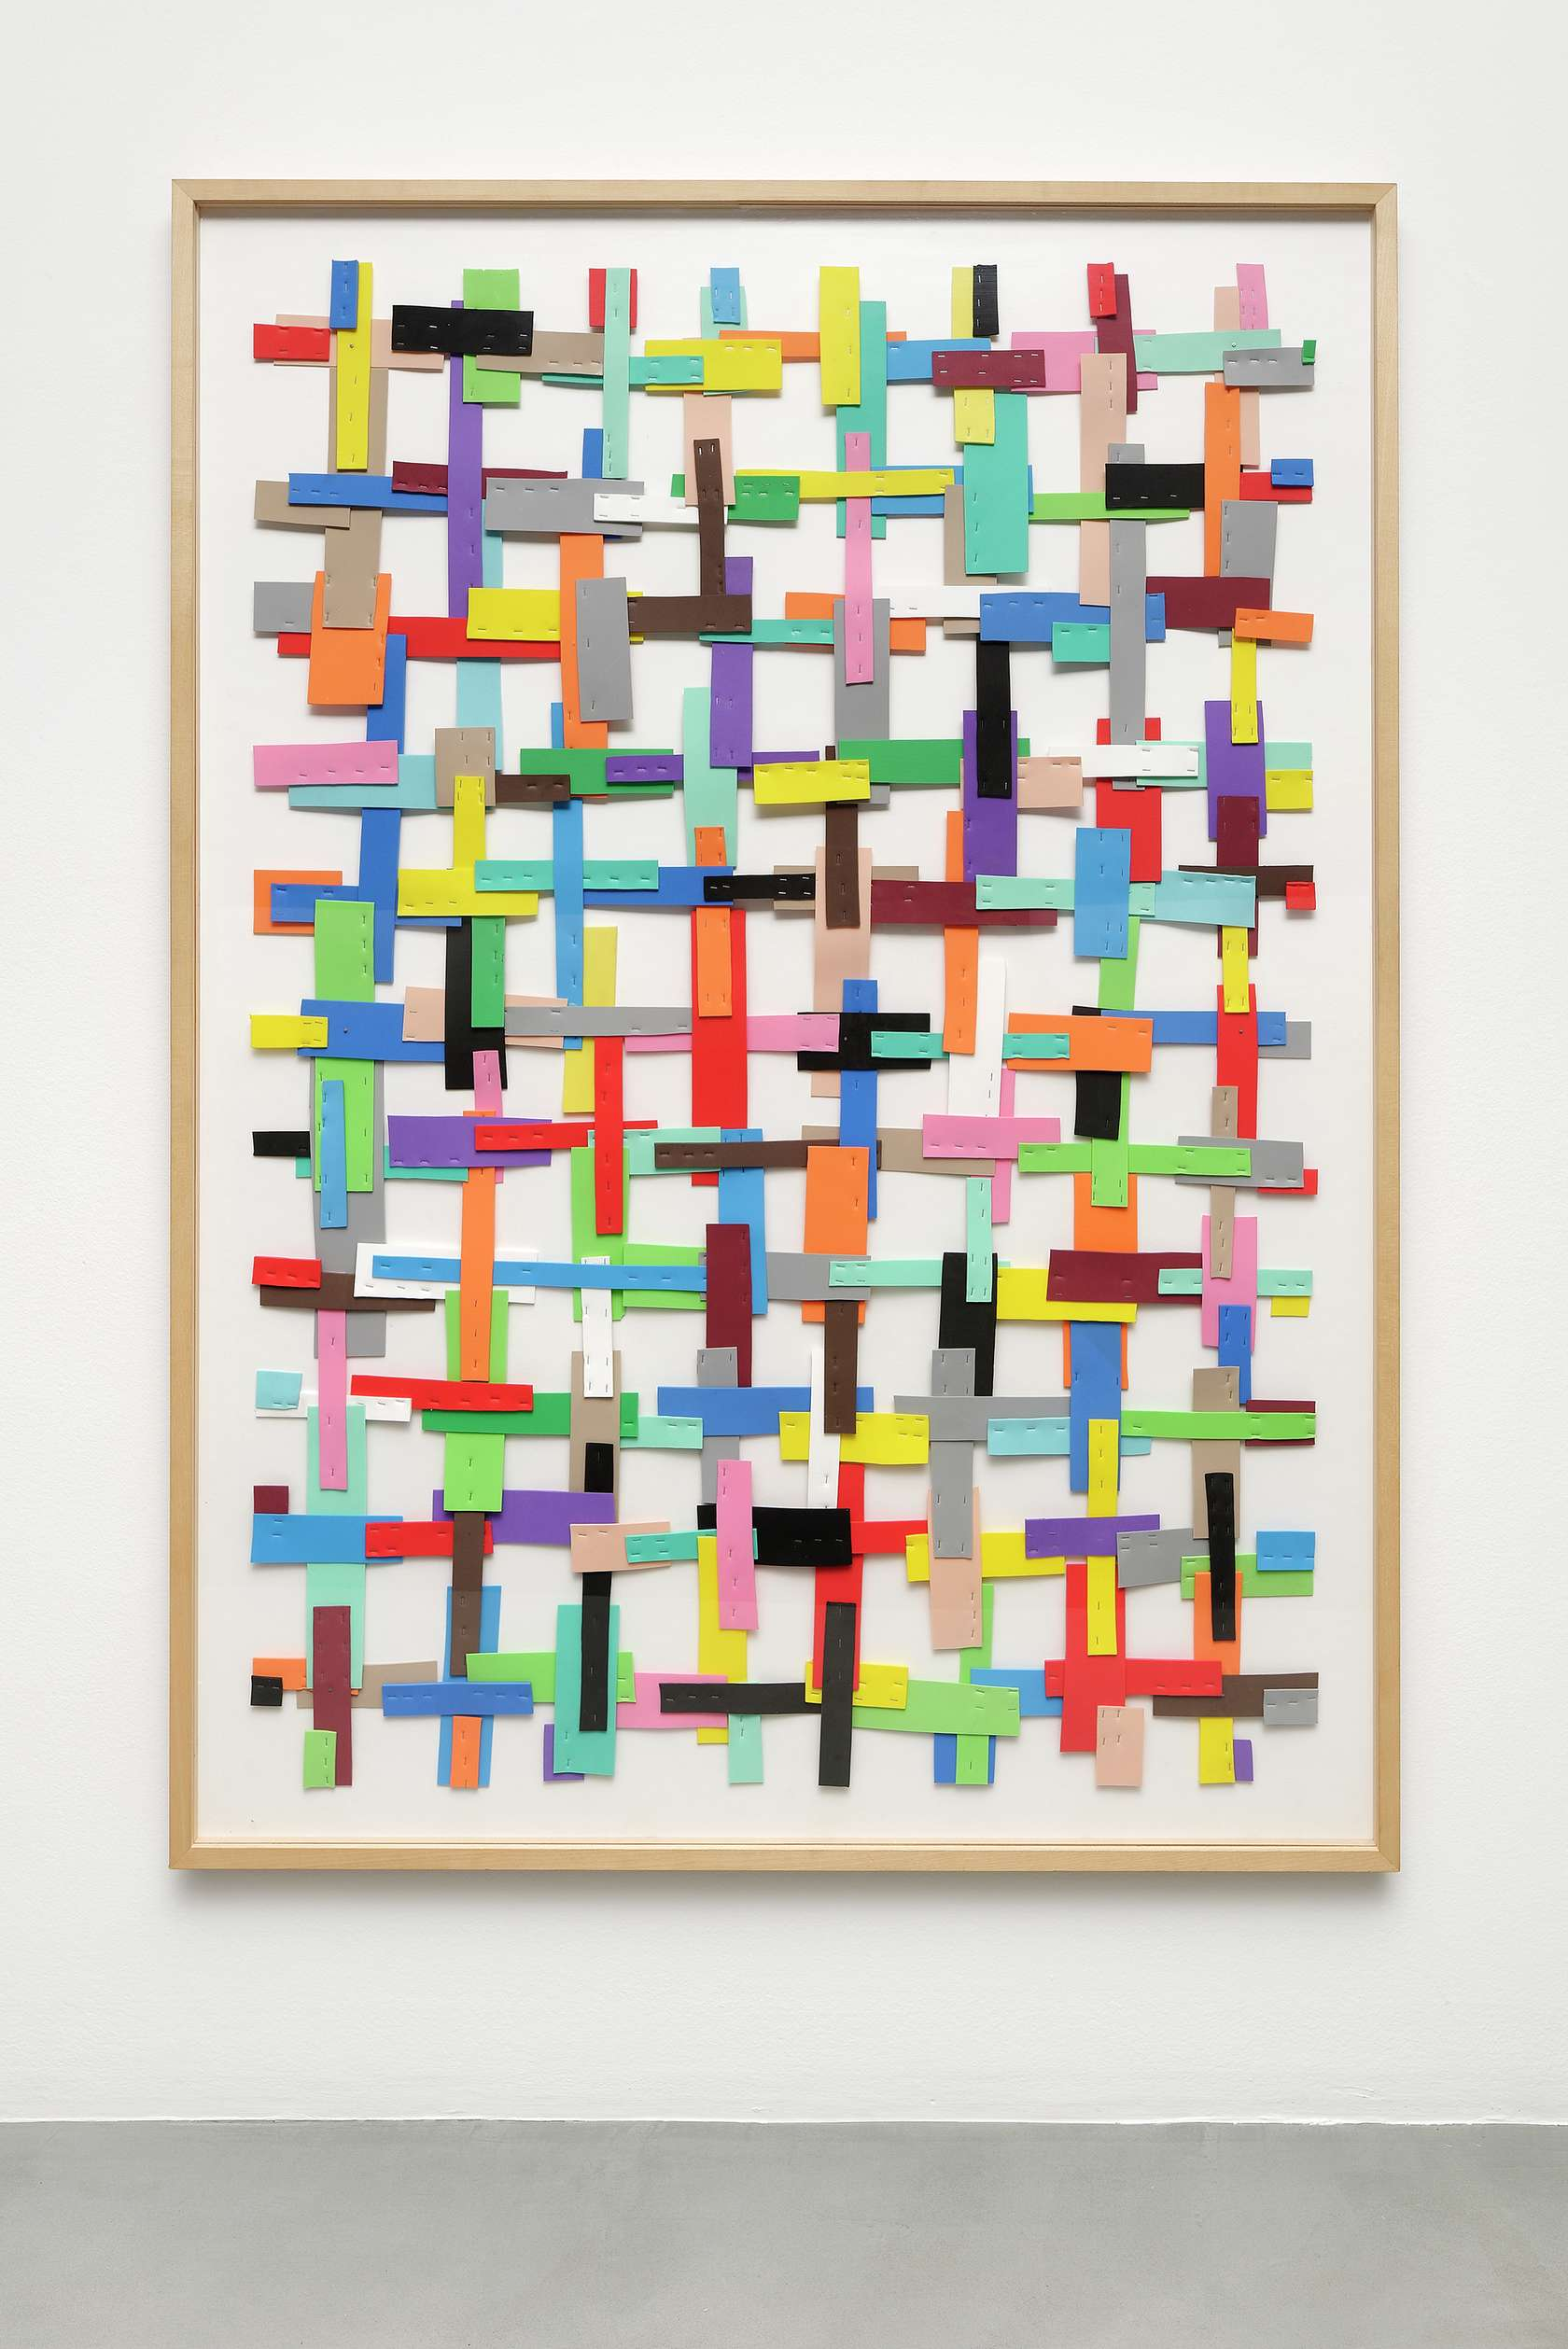 Beat Zoderer, Kreuzweise, 1999-2000 Mousse, agrafes136 × 100 cm / 53 1/2 × 39 3/8 in.